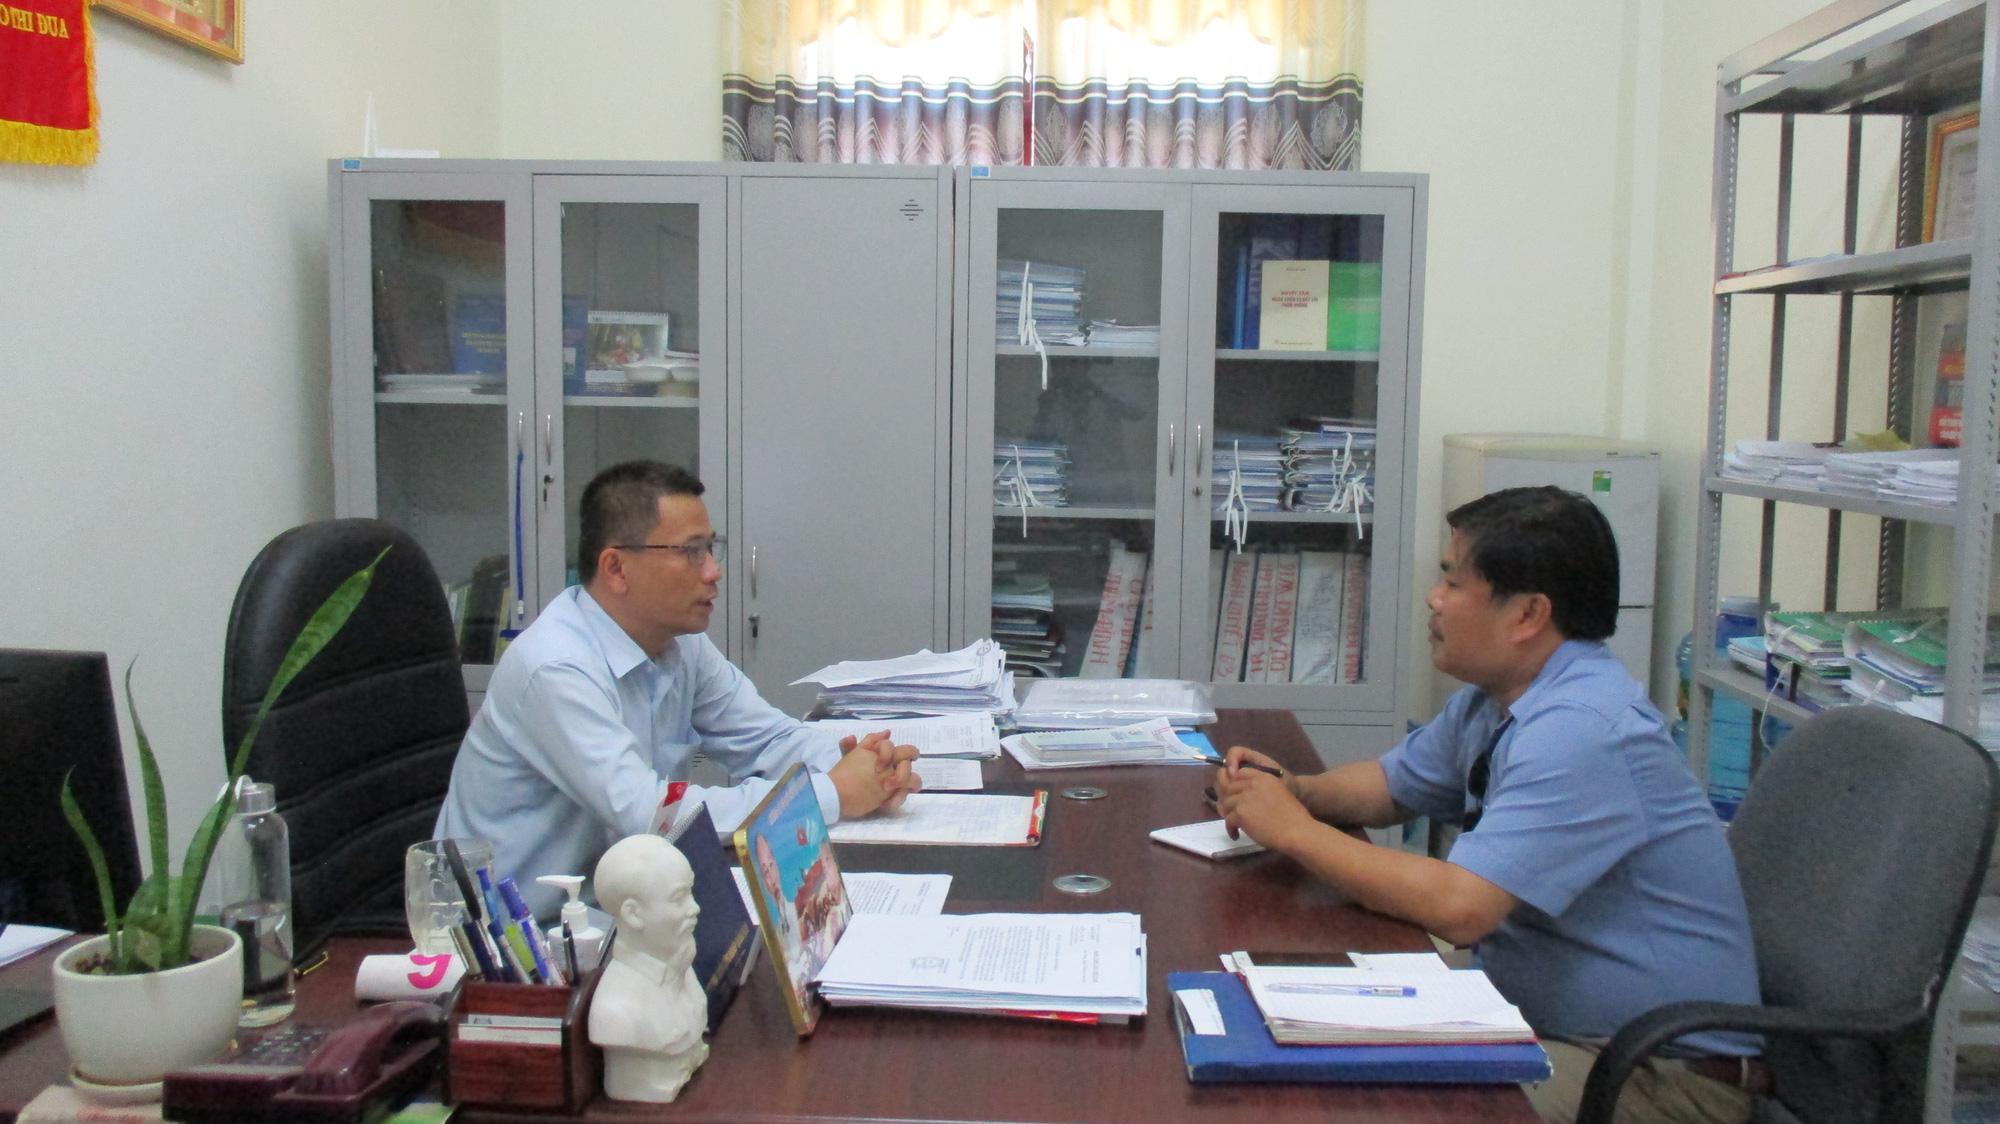 Quảng Nam: Nông thôn mới ở Nam Giang gắn với OCOP giúp khu vực miền núi đổi thay - Ảnh 4.